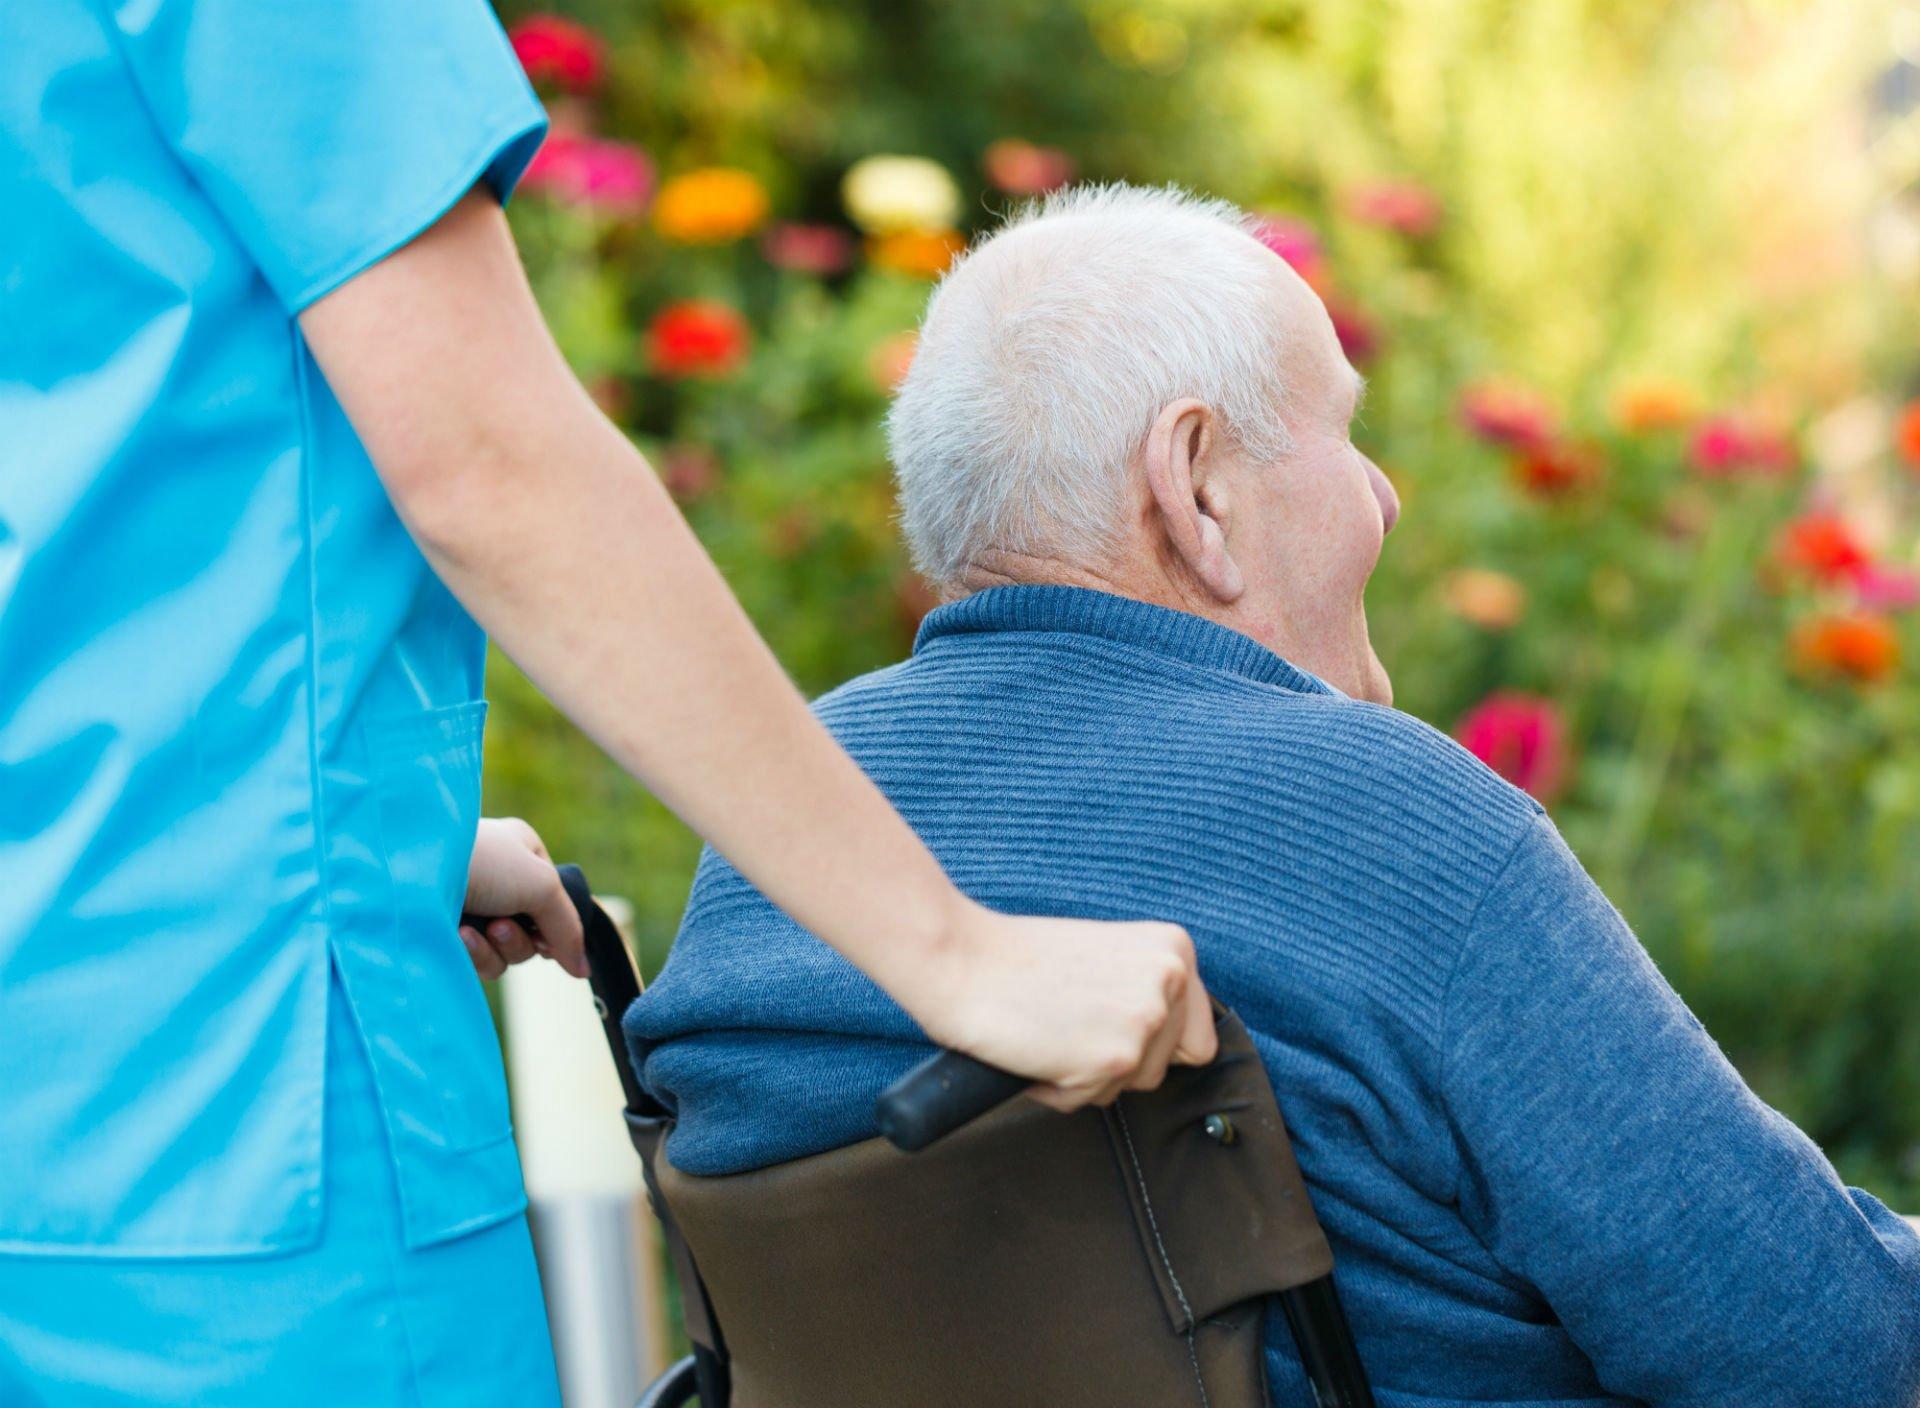 infermiera spinge carrozzina con anziano signore